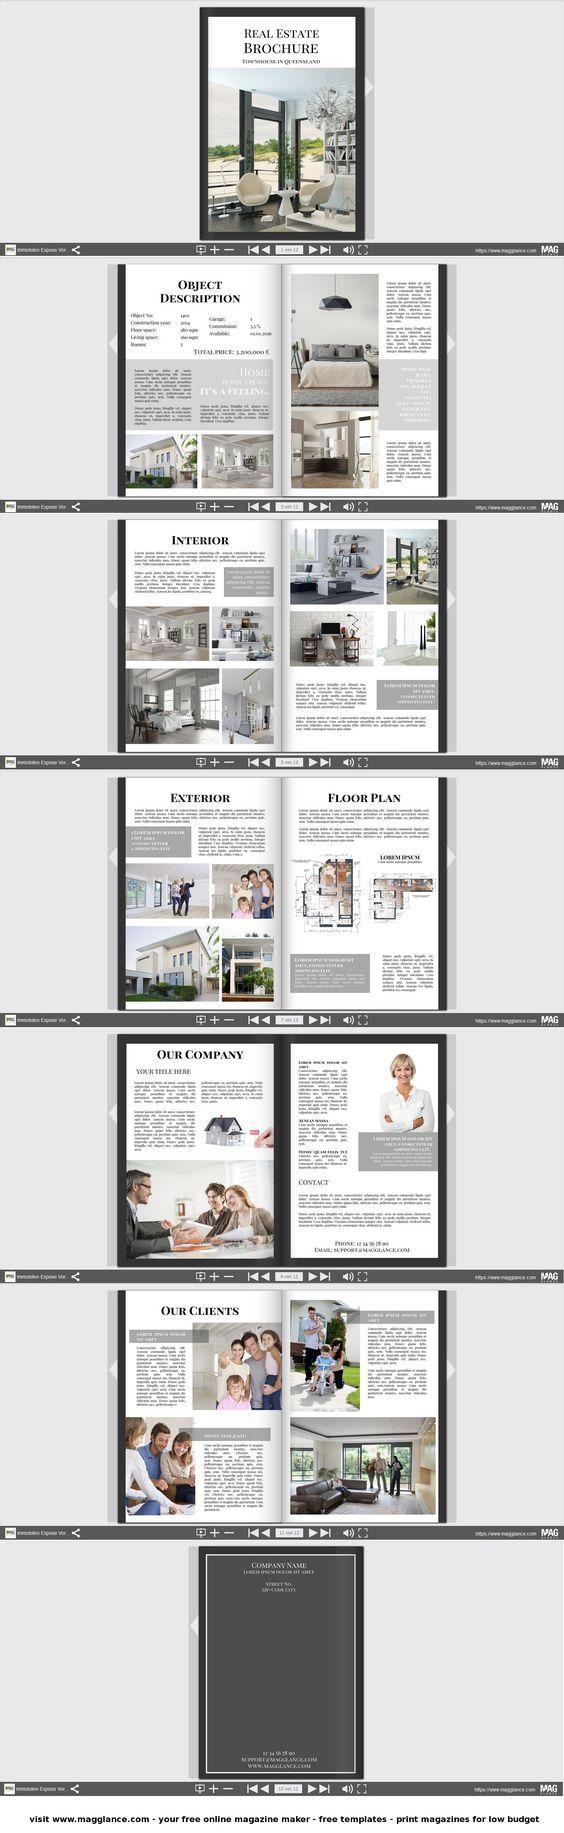 oltre 25 fantastiche idee su stampa di design su pinterest